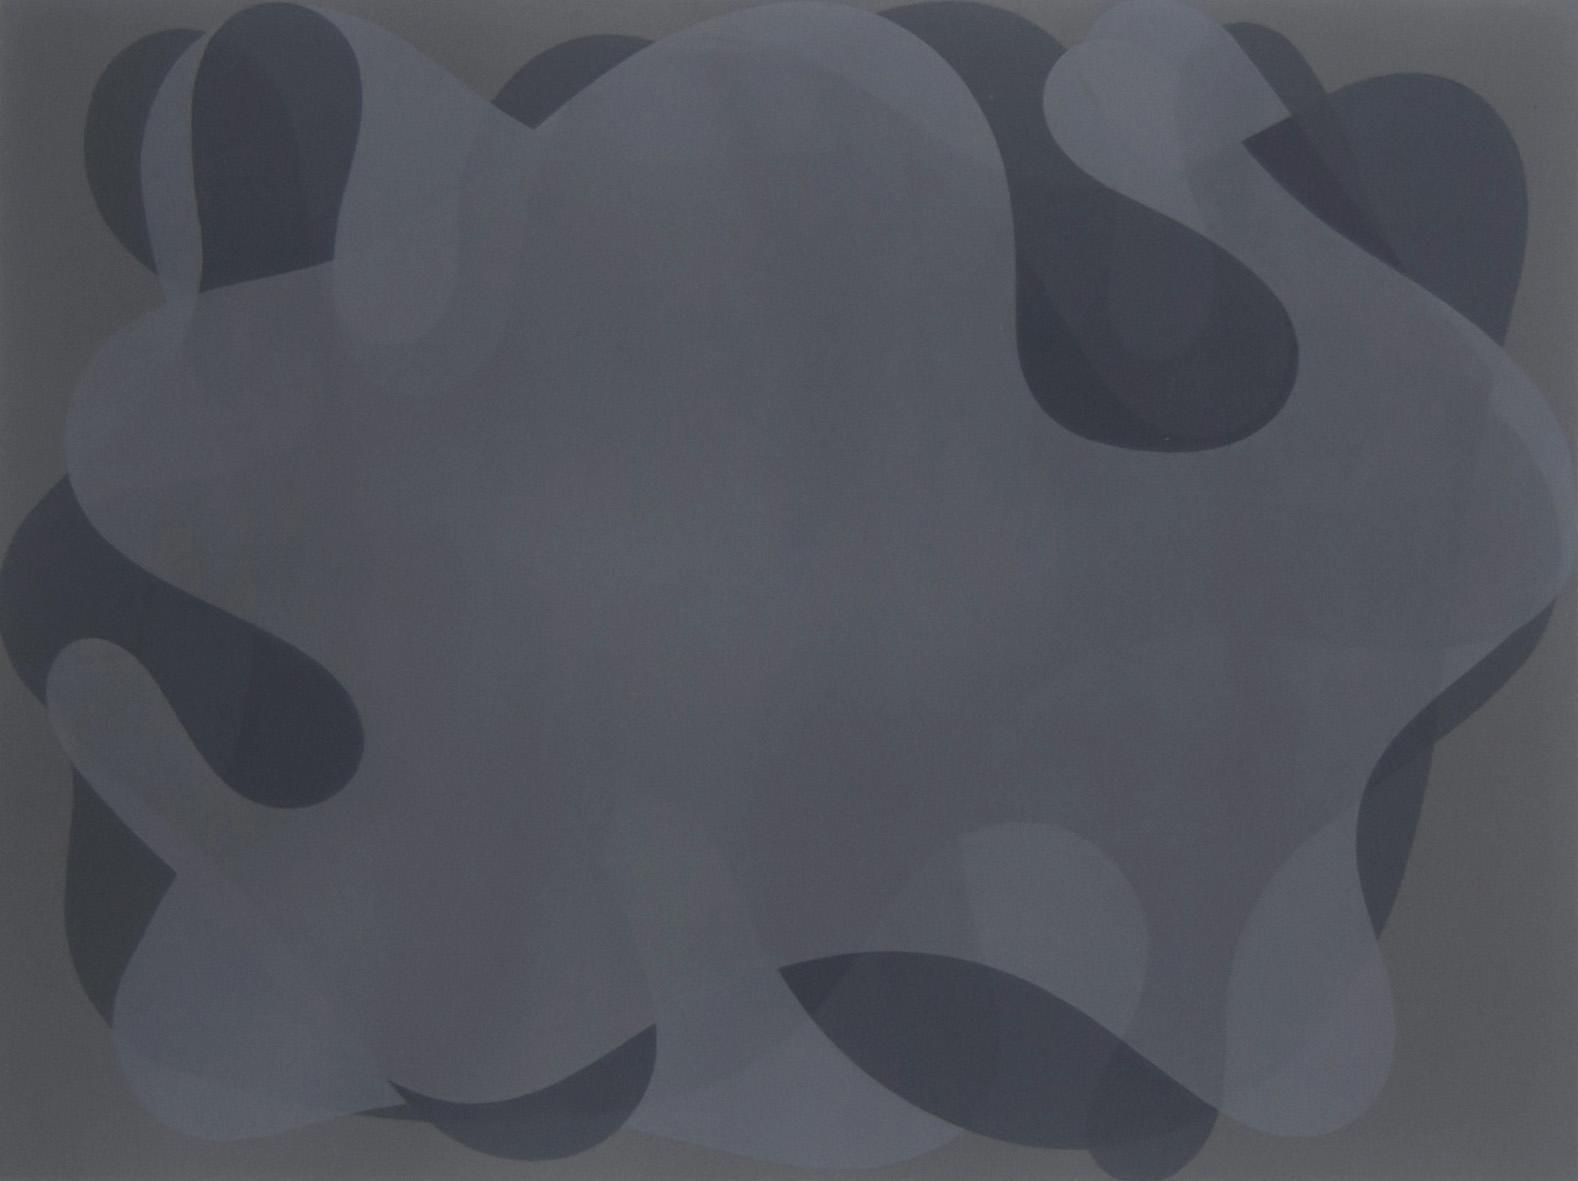 Untitled Grey #81